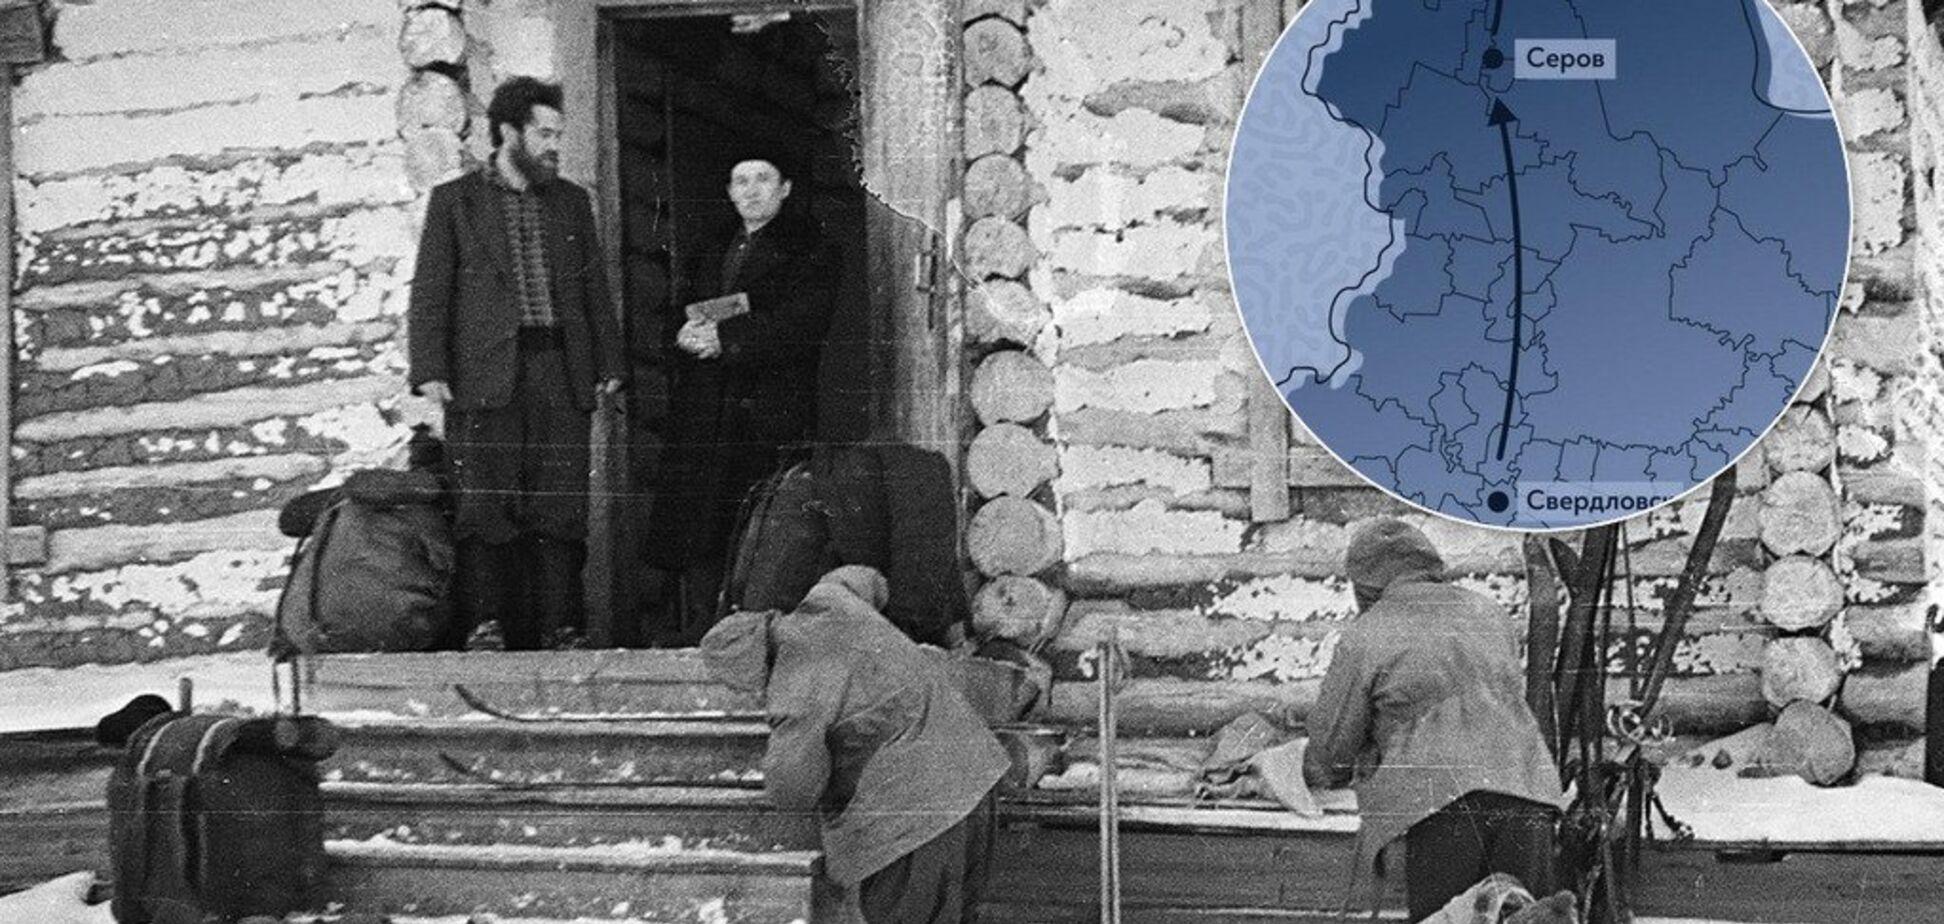 Убили из-за приказа лесоруба: появилась неожиданная версия гибели группы Дятлова